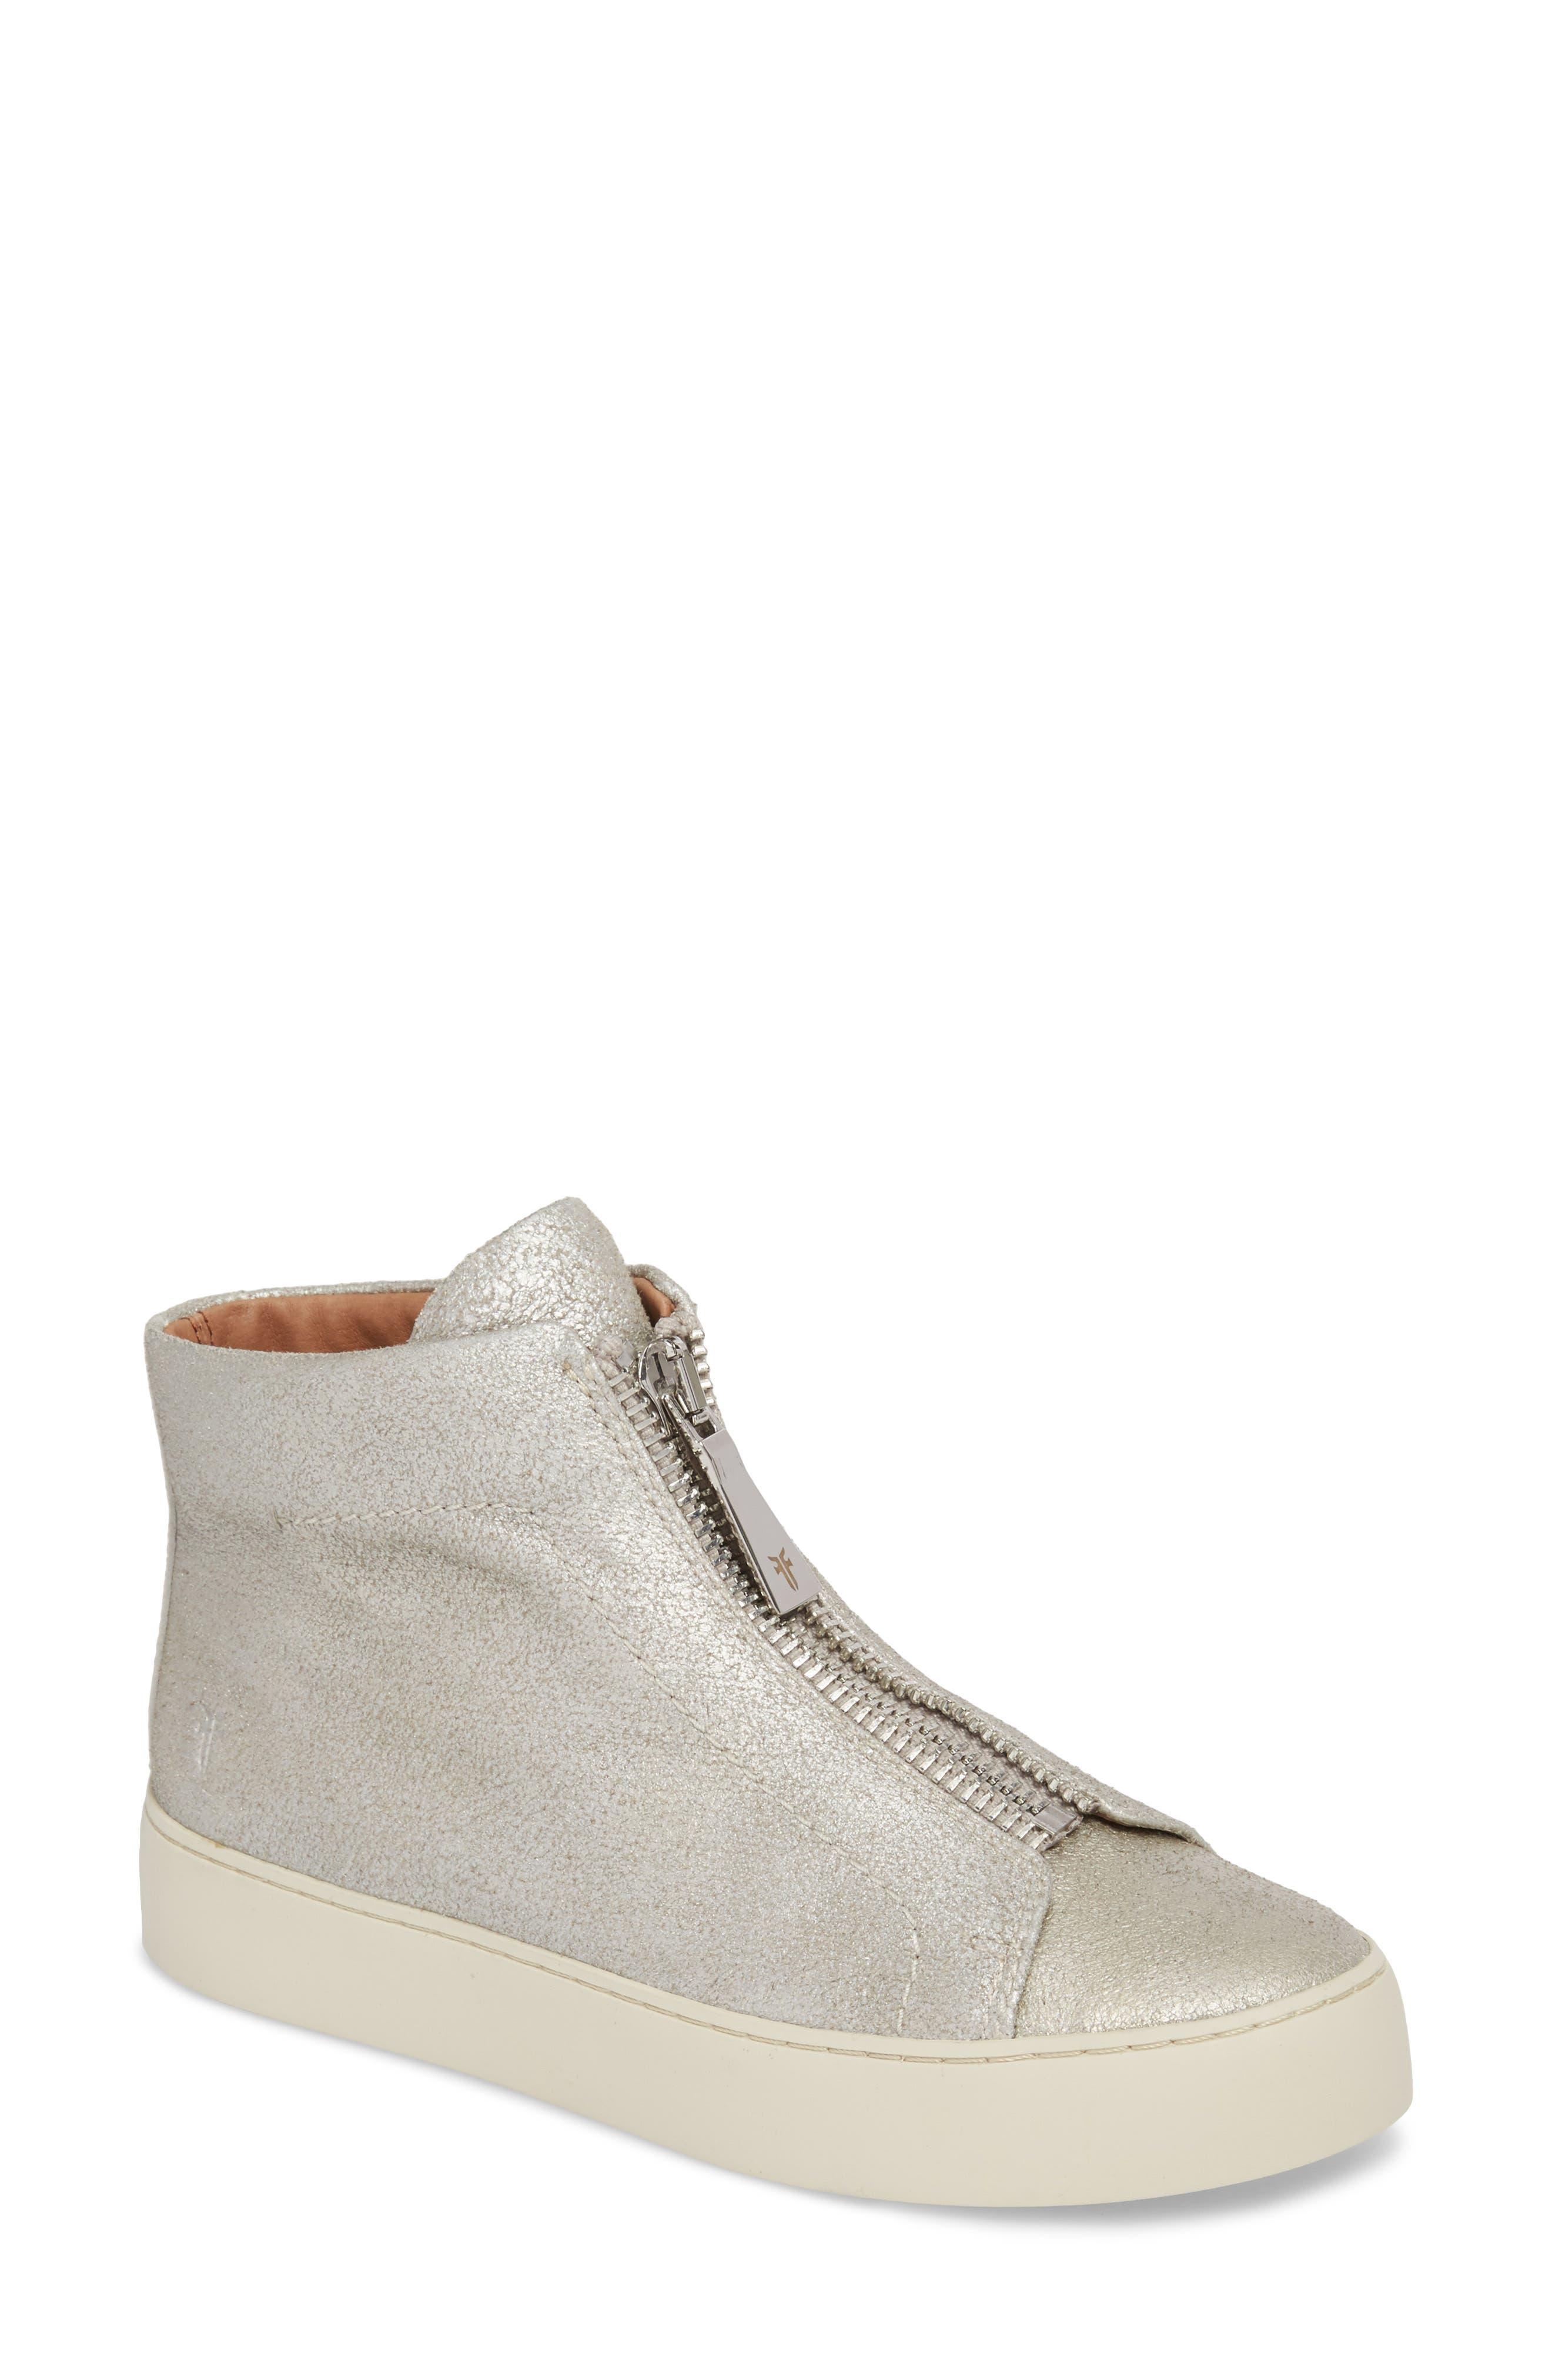 Lena Zip High Top Sneaker,                             Main thumbnail 1, color,                             Silver